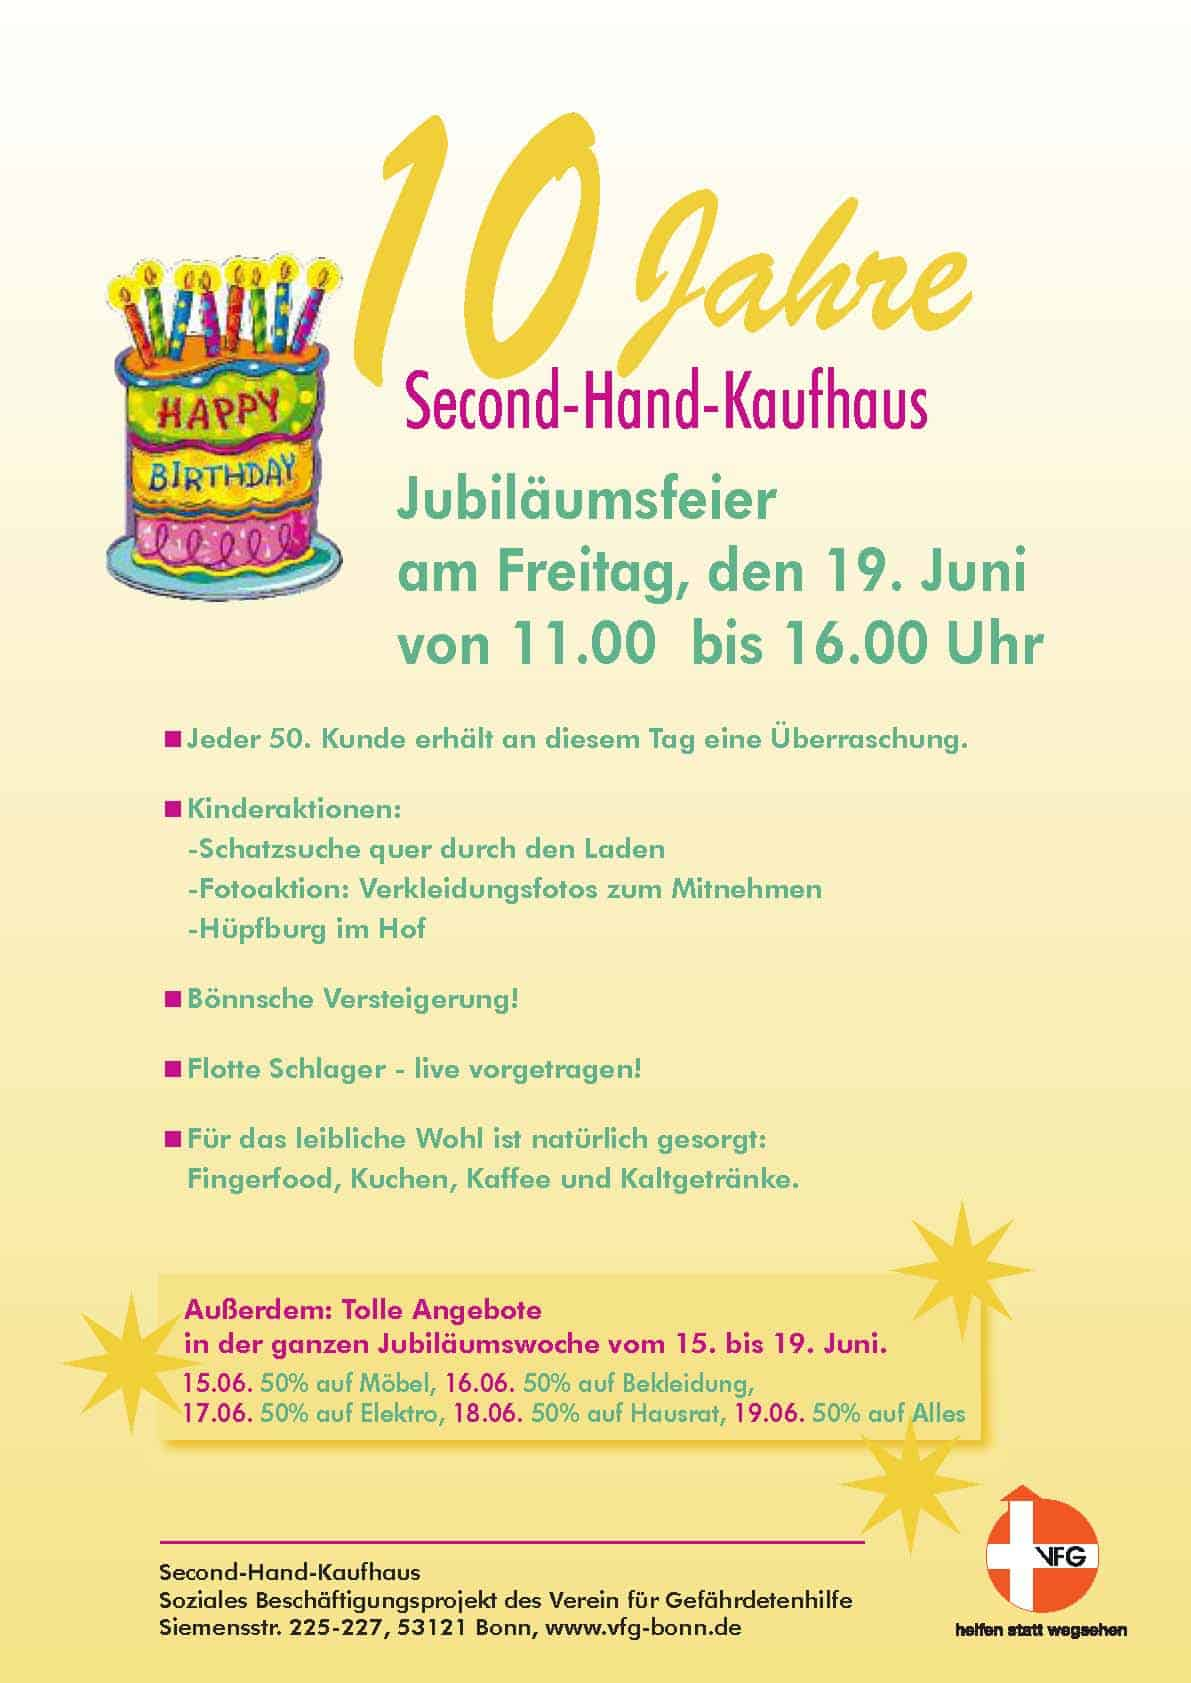 10 Jahre VFG Second-Hand Kaufhaus